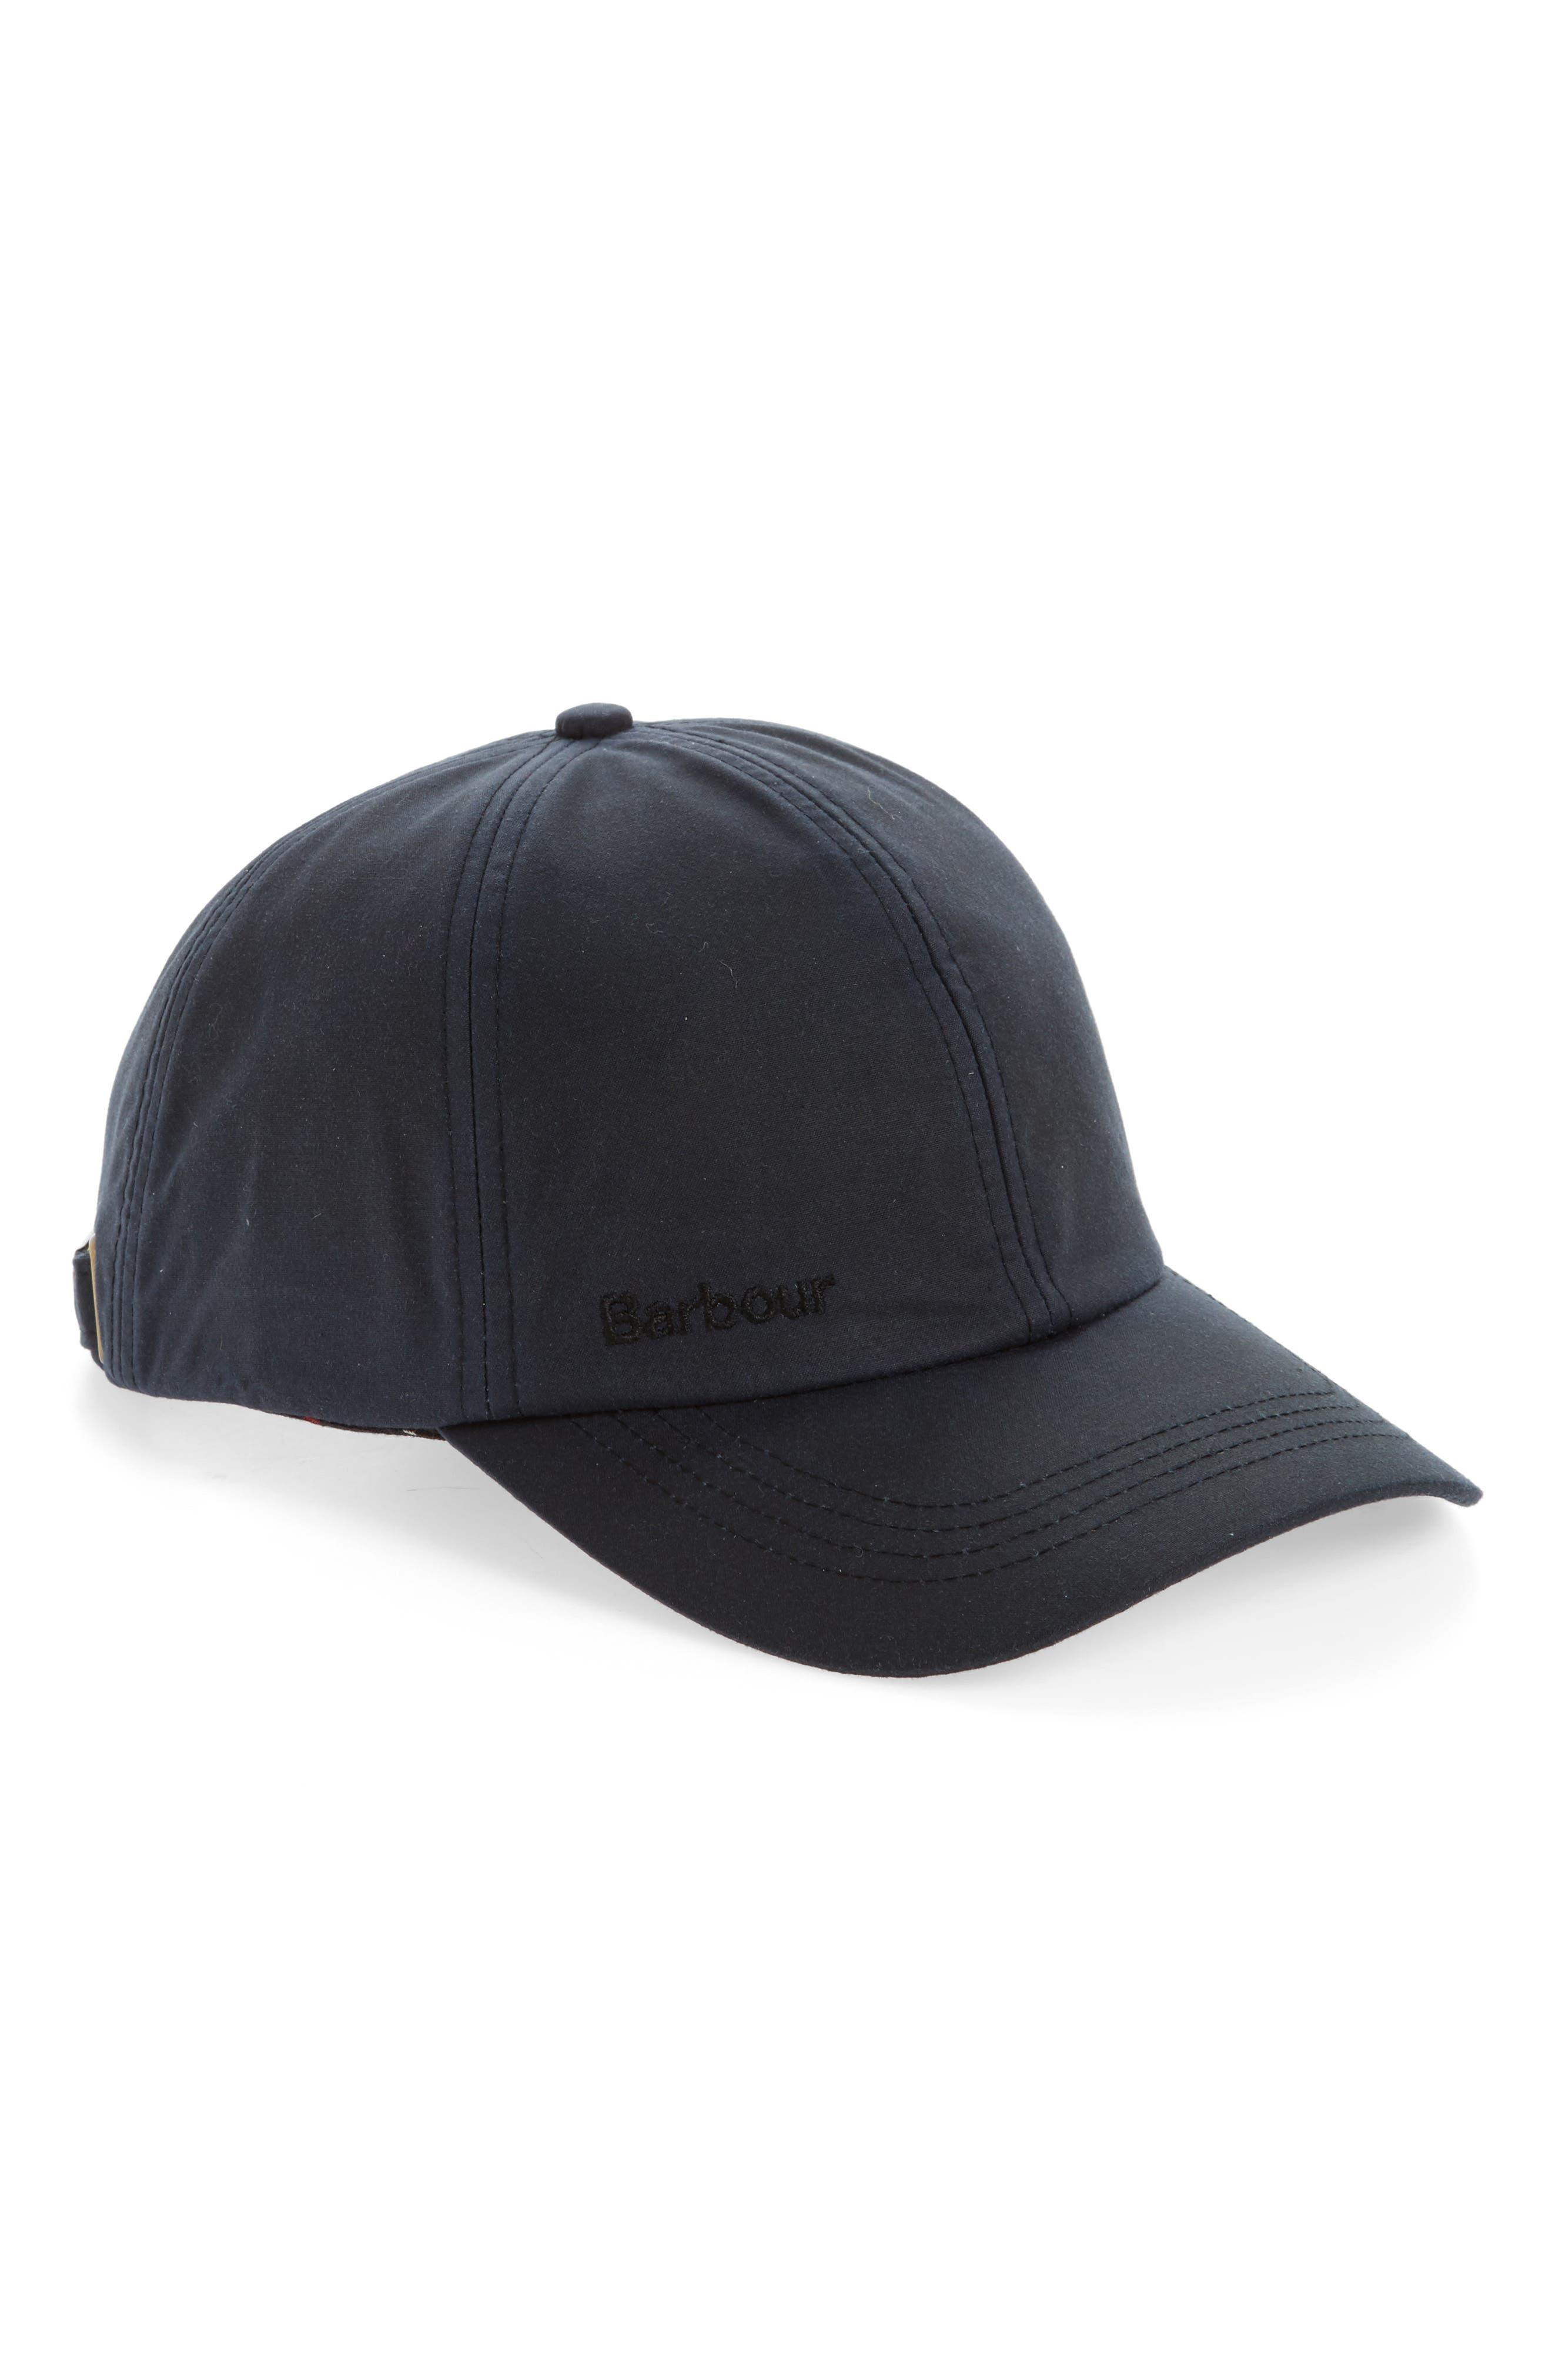 Alternate Image 1 Selected - Barbour Prestbury Baseball Cap